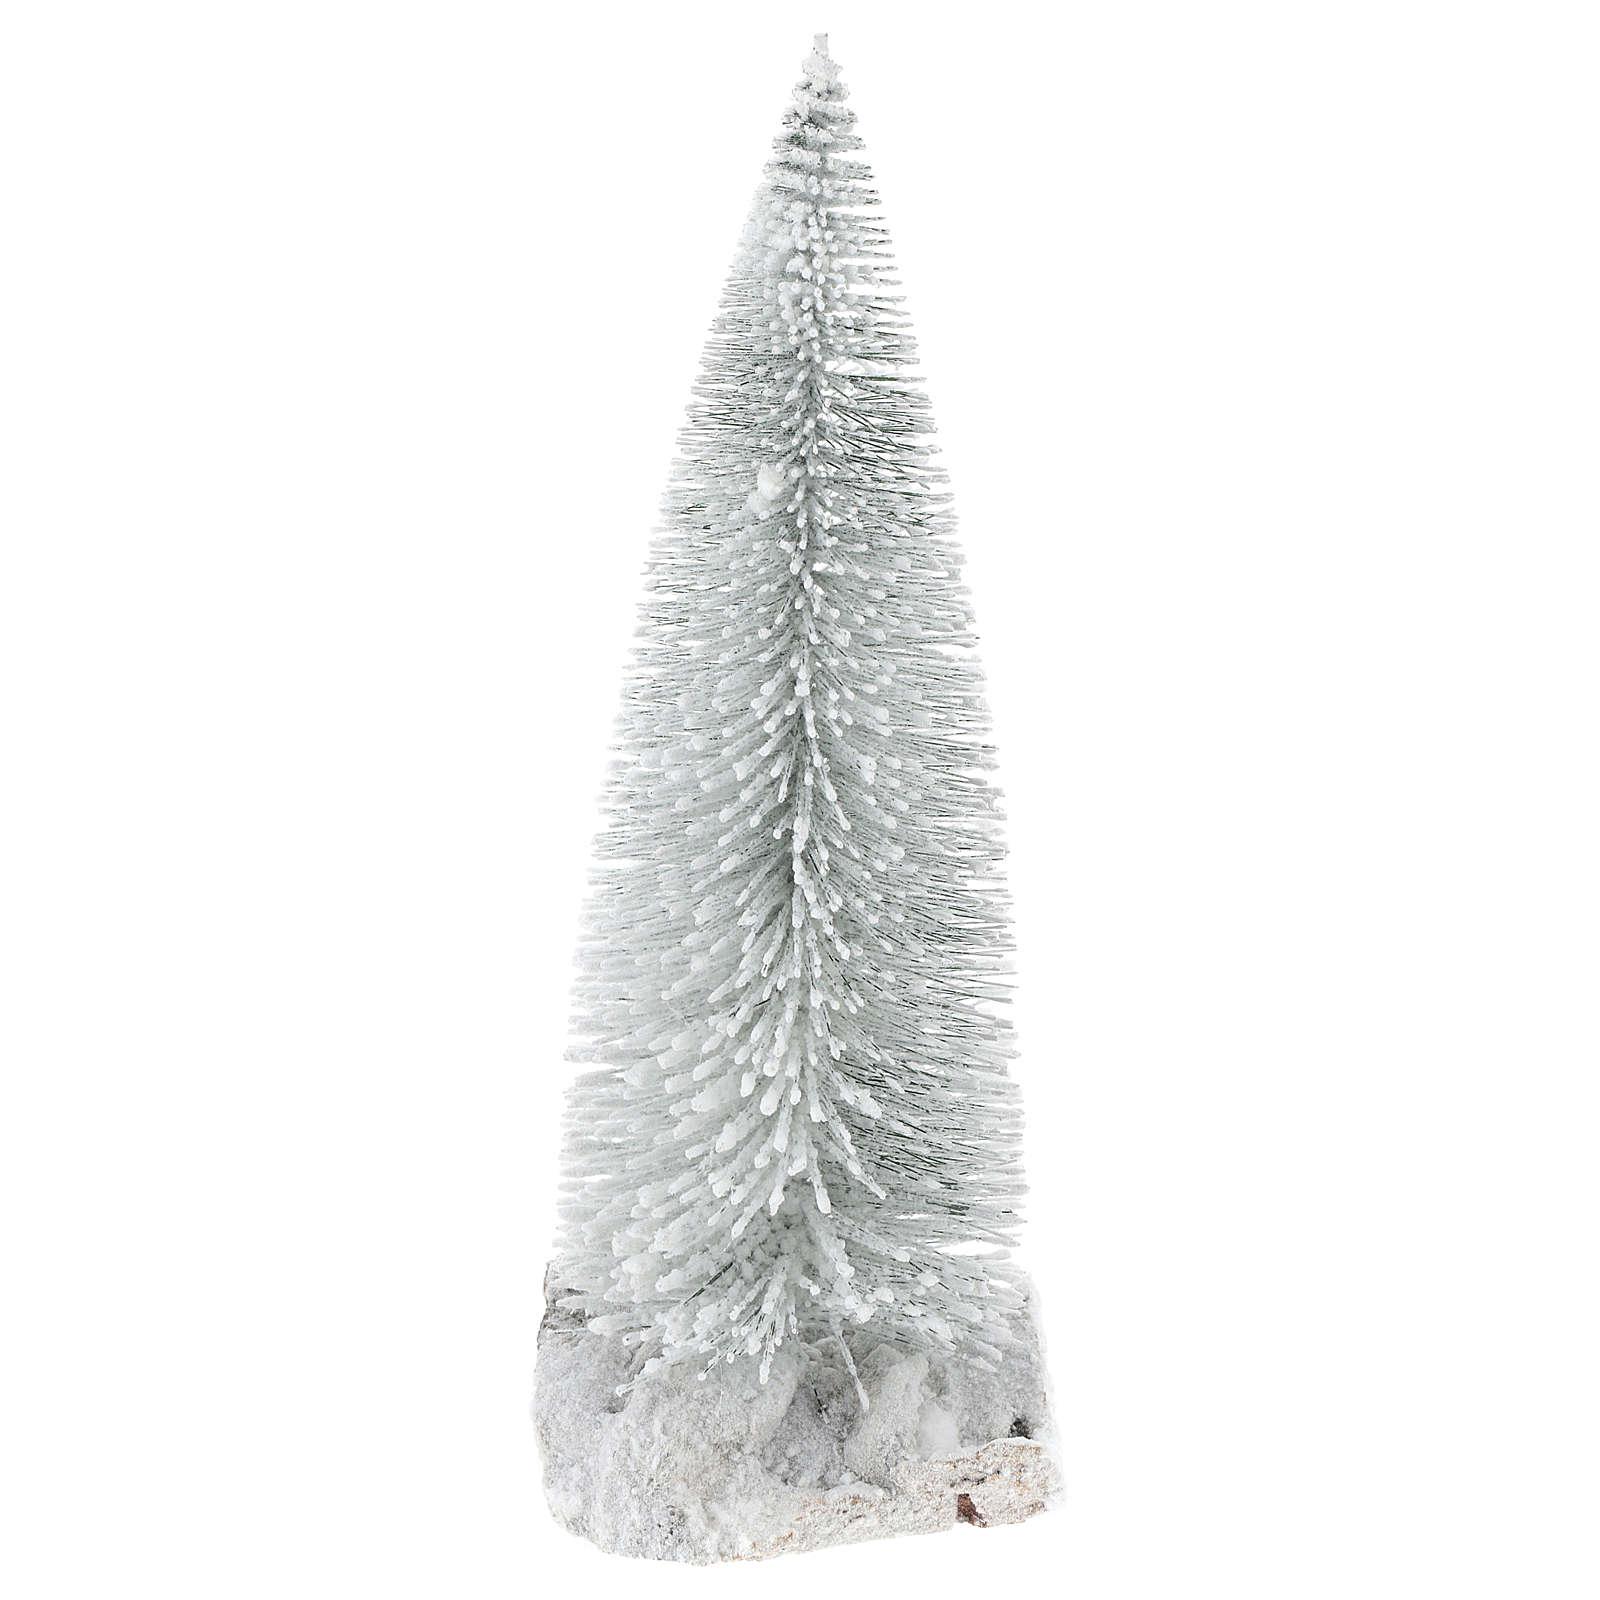 Pino nevado 10x5x10 cm belén 8-10 cm hecho con bricolaje 4